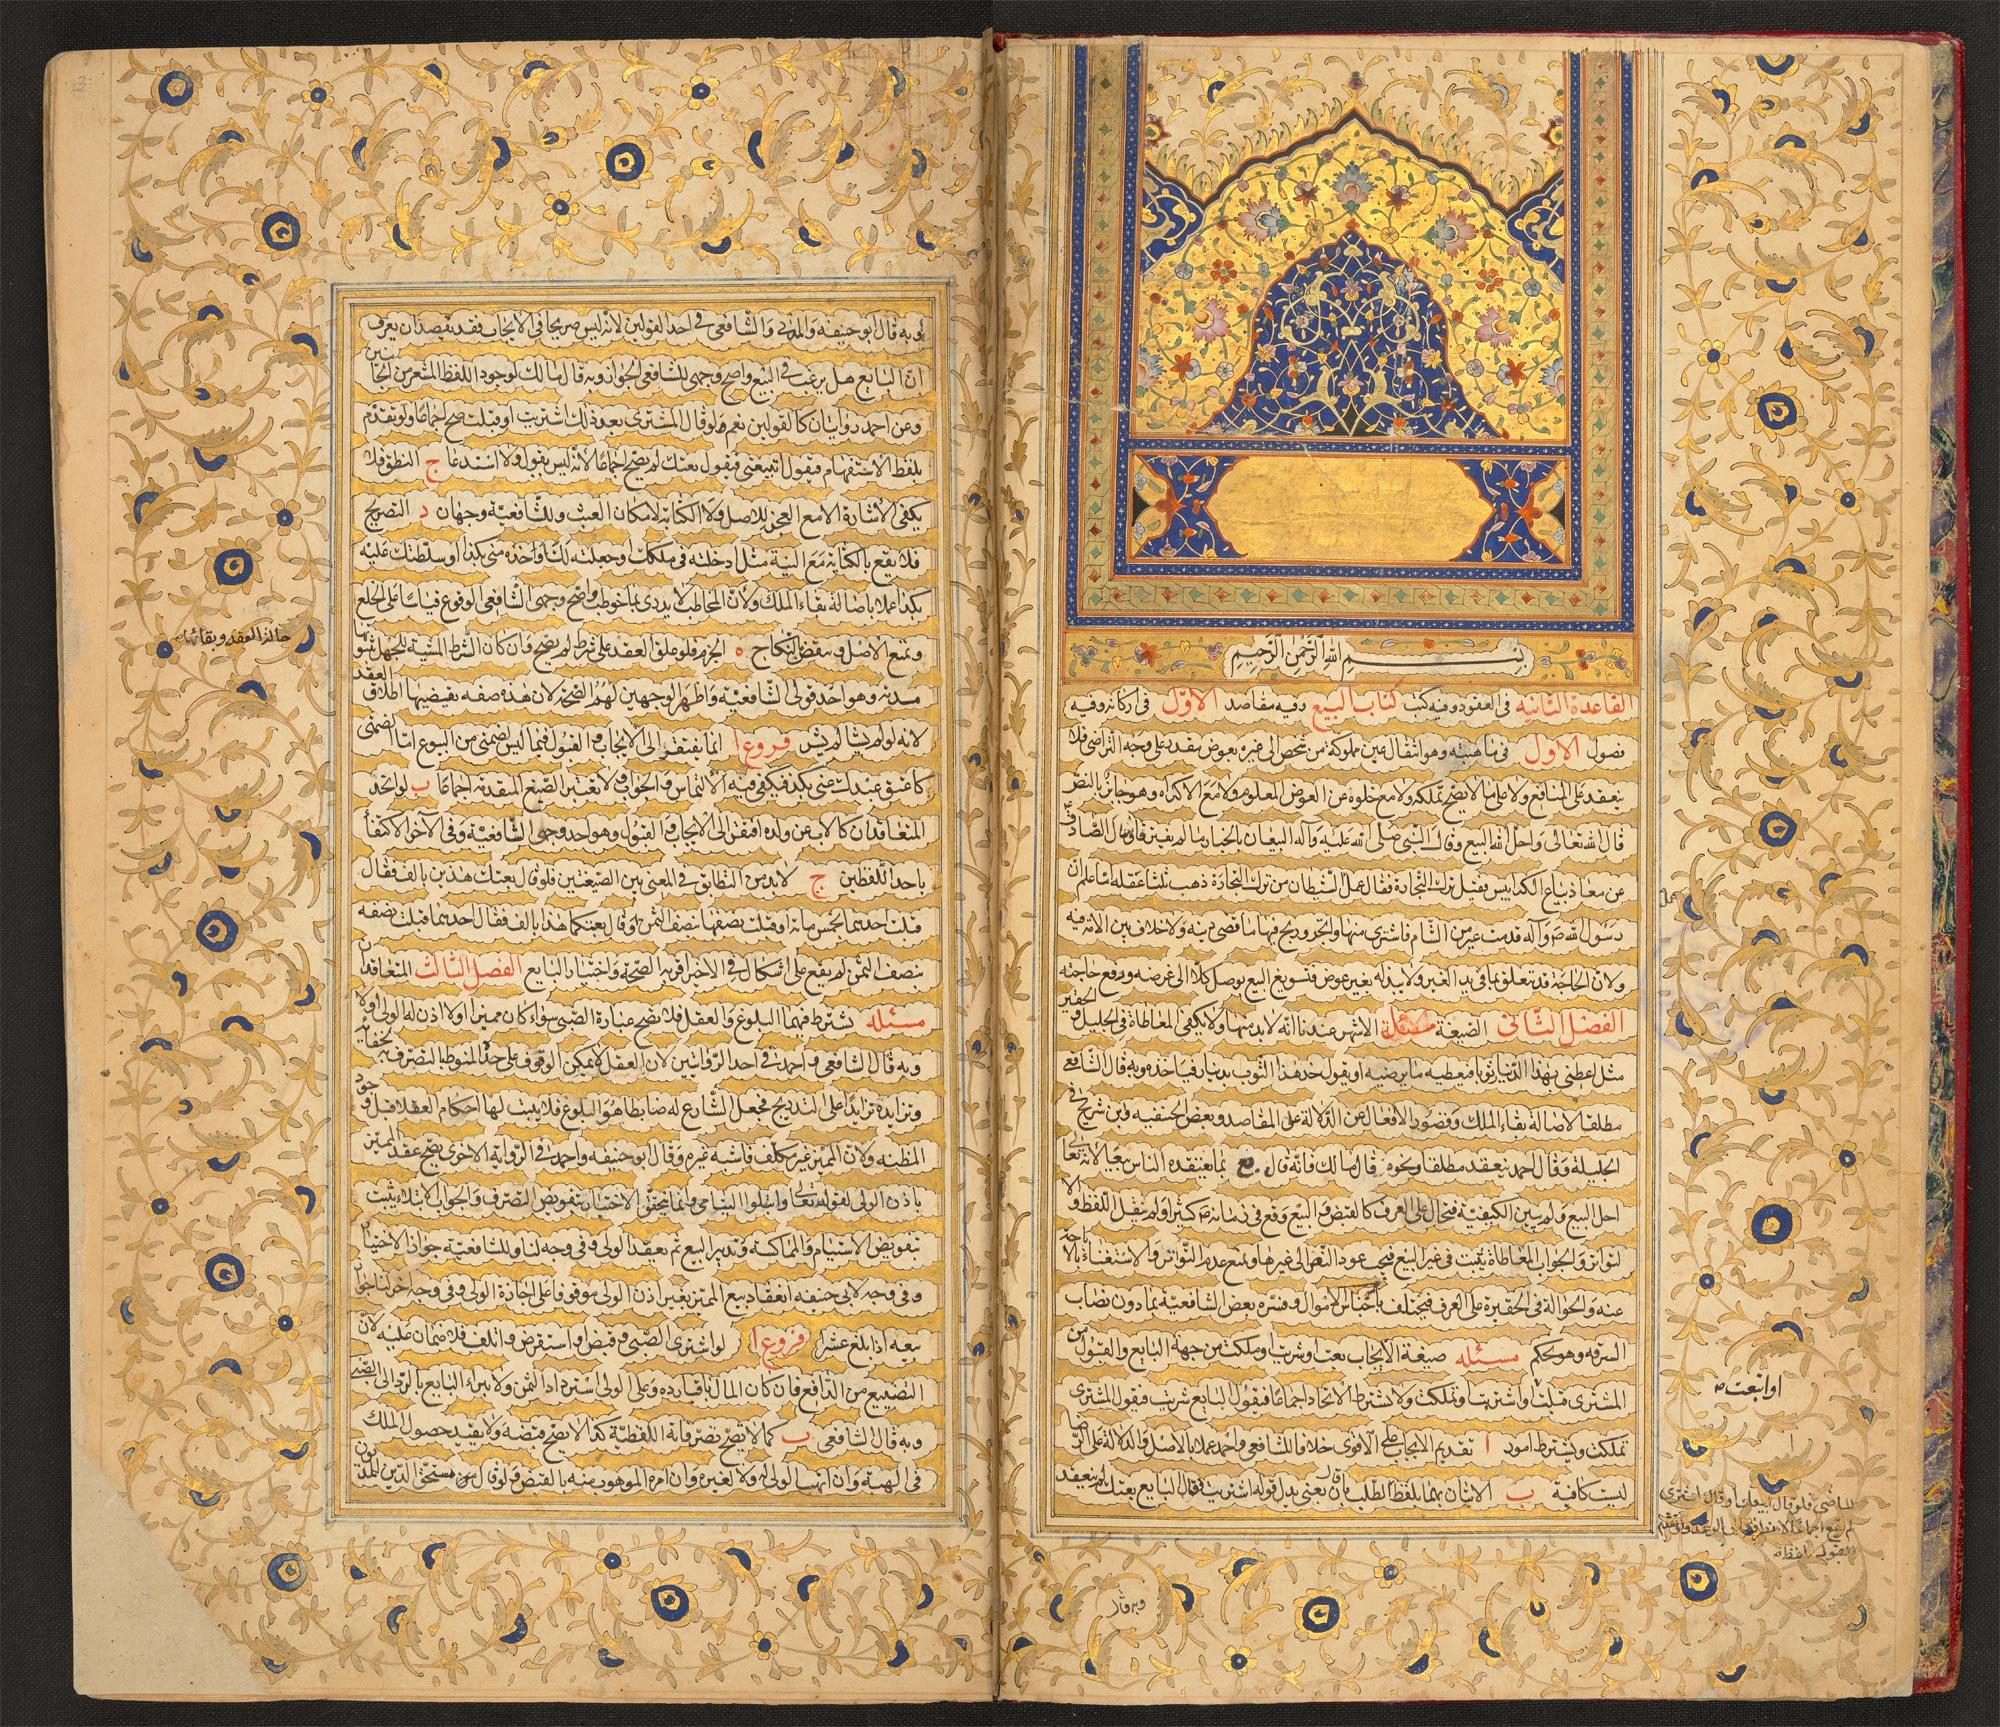 https://i1.wp.com/upload.wikimedia.org/wikipedia/commons/d/d5/Tazkarat_al-Fuqaha.jpg